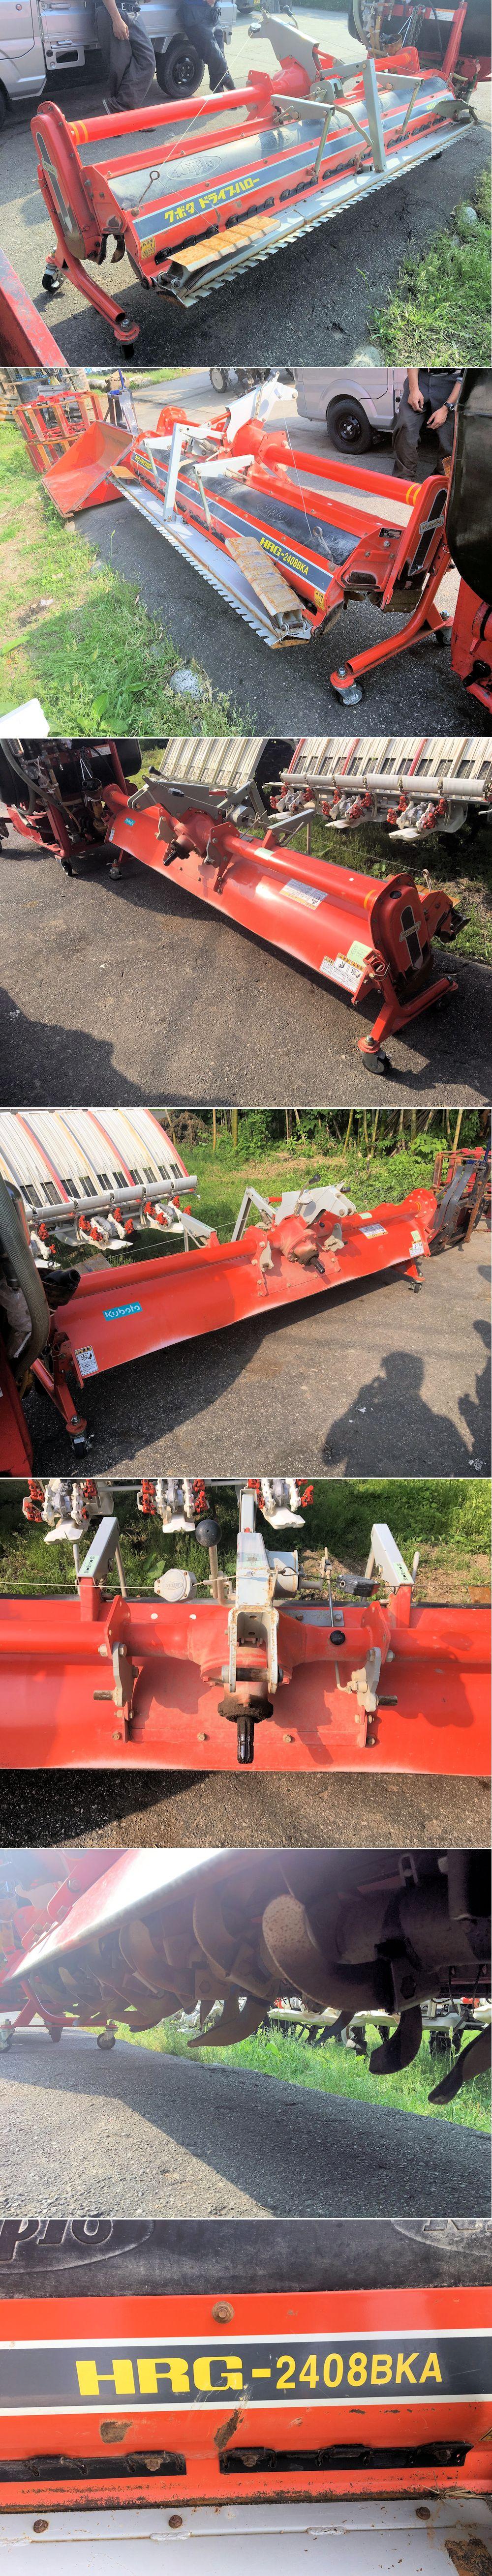 クボタ ドライブハロー 代掻き HRG-2408BKA ニプロ(松山) ワンタッチヒッチ用 中古